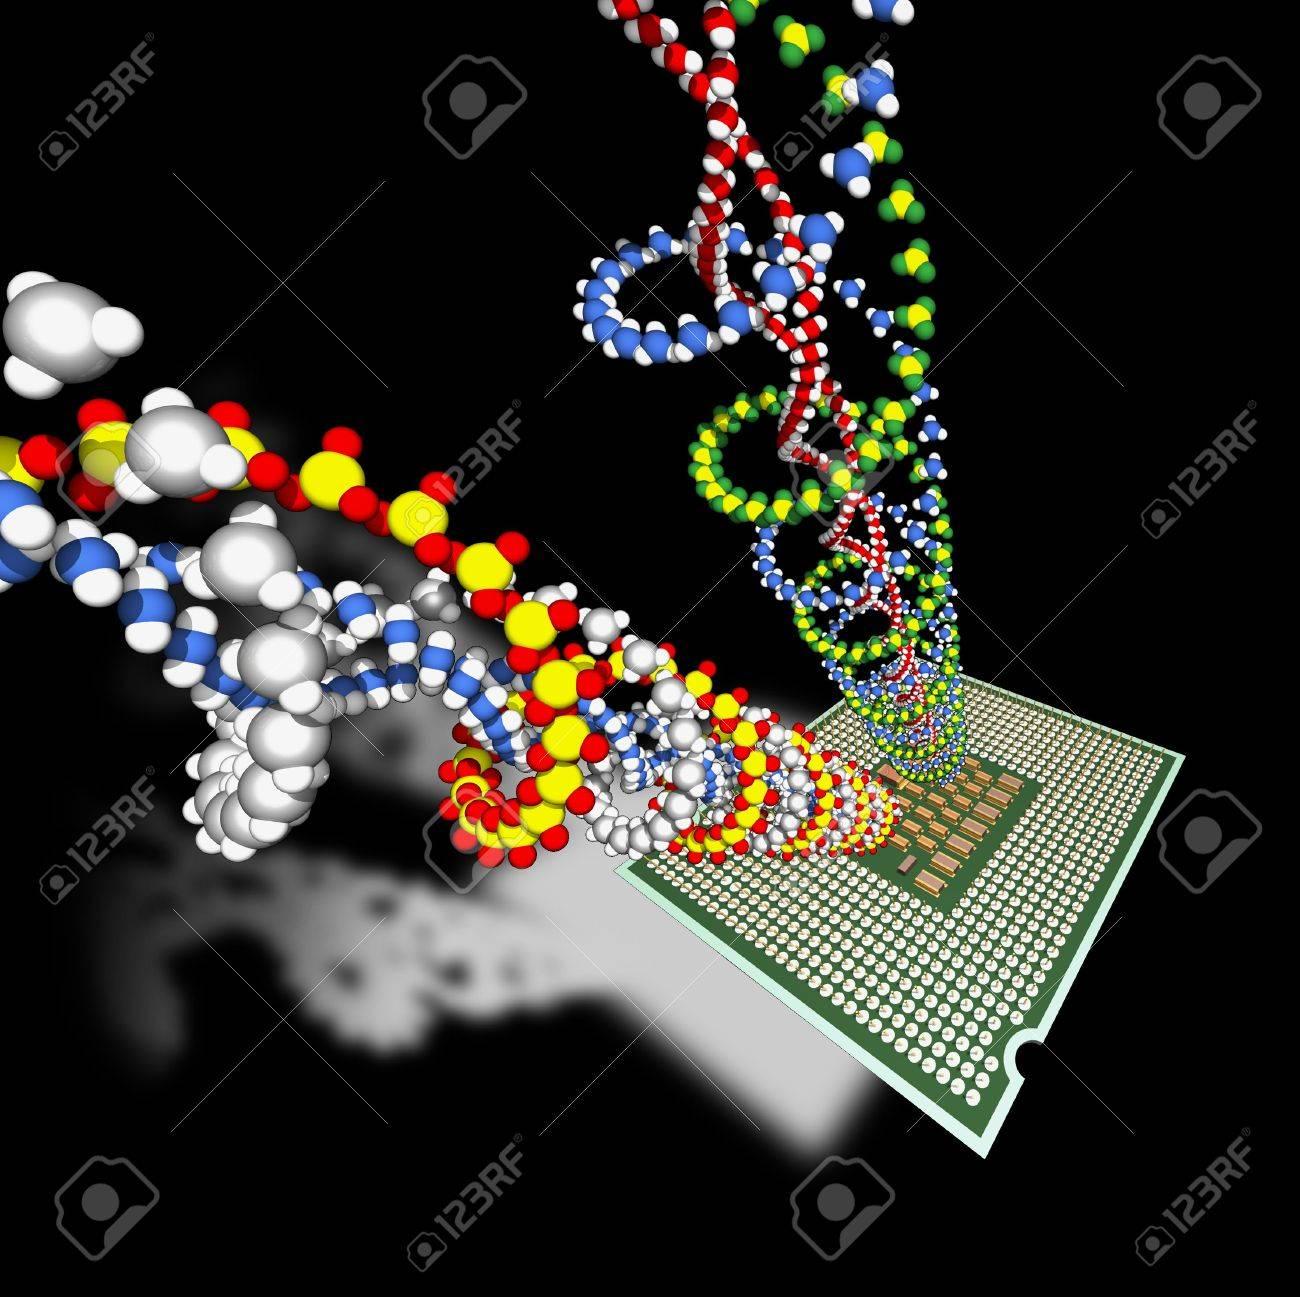 Microprocessor calculates DNA's molecules. Stock Photo - 6676868